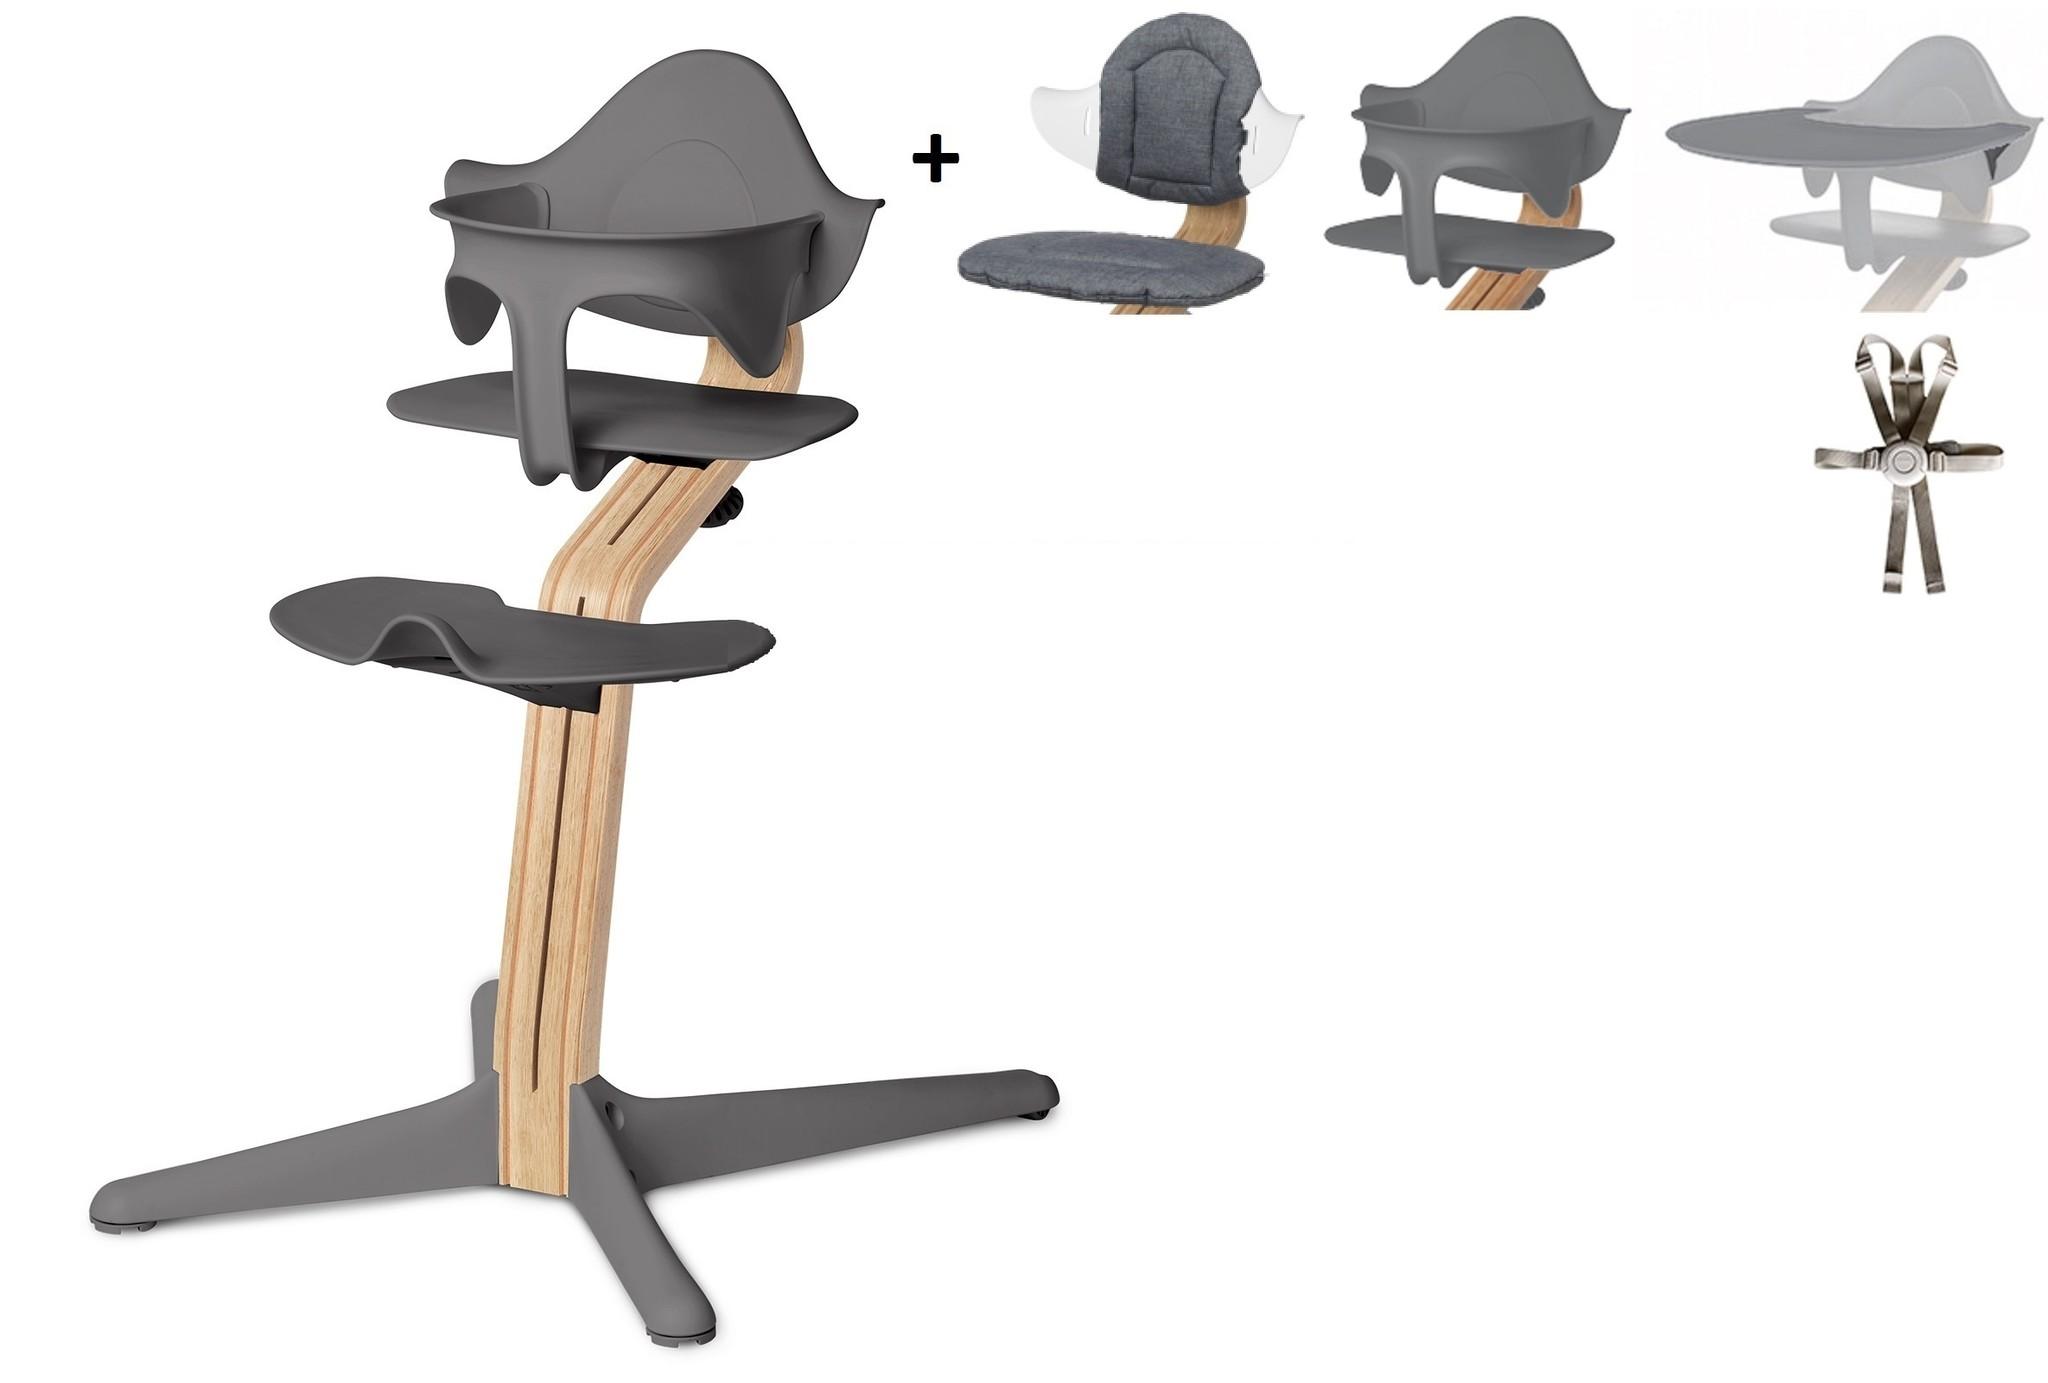 NOMI highchair Ideale set vanaf 6 maanden Basis eiken wit oiled en stoel grijs